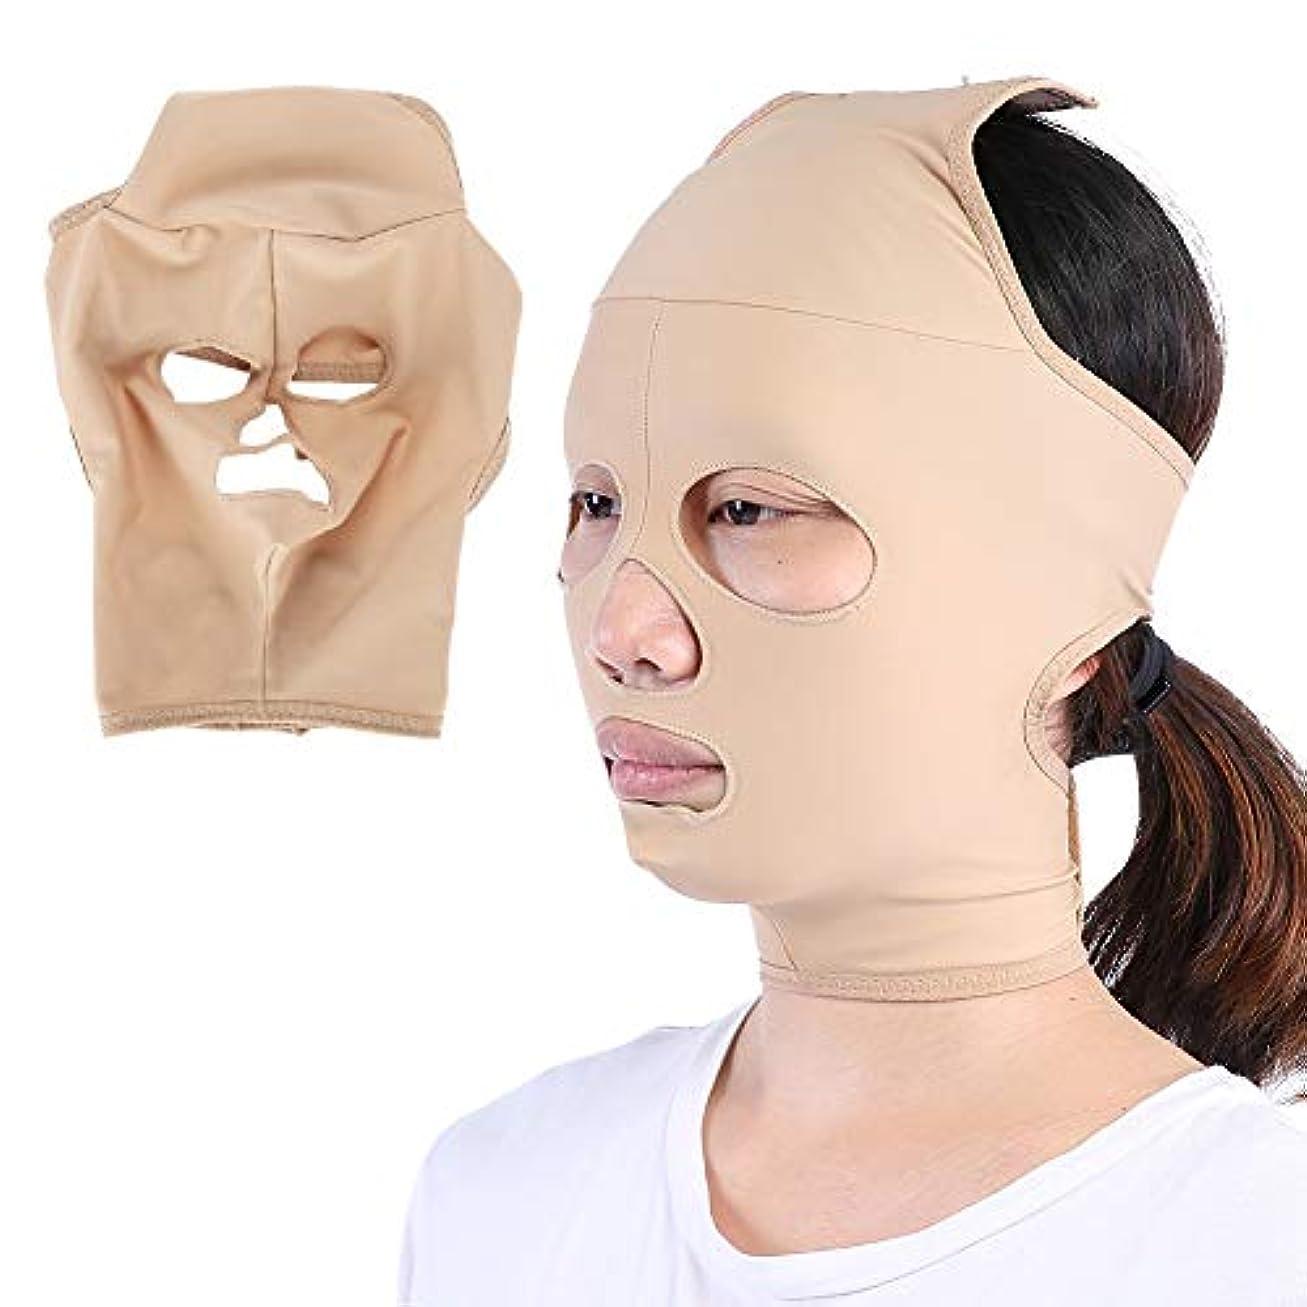 小川祭司バイオリニスト顔の减量のベルト、完全なカバレッジ 顔のVラインを向上させる 二重顎を減らす二重顎、スキンケア包帯(M)